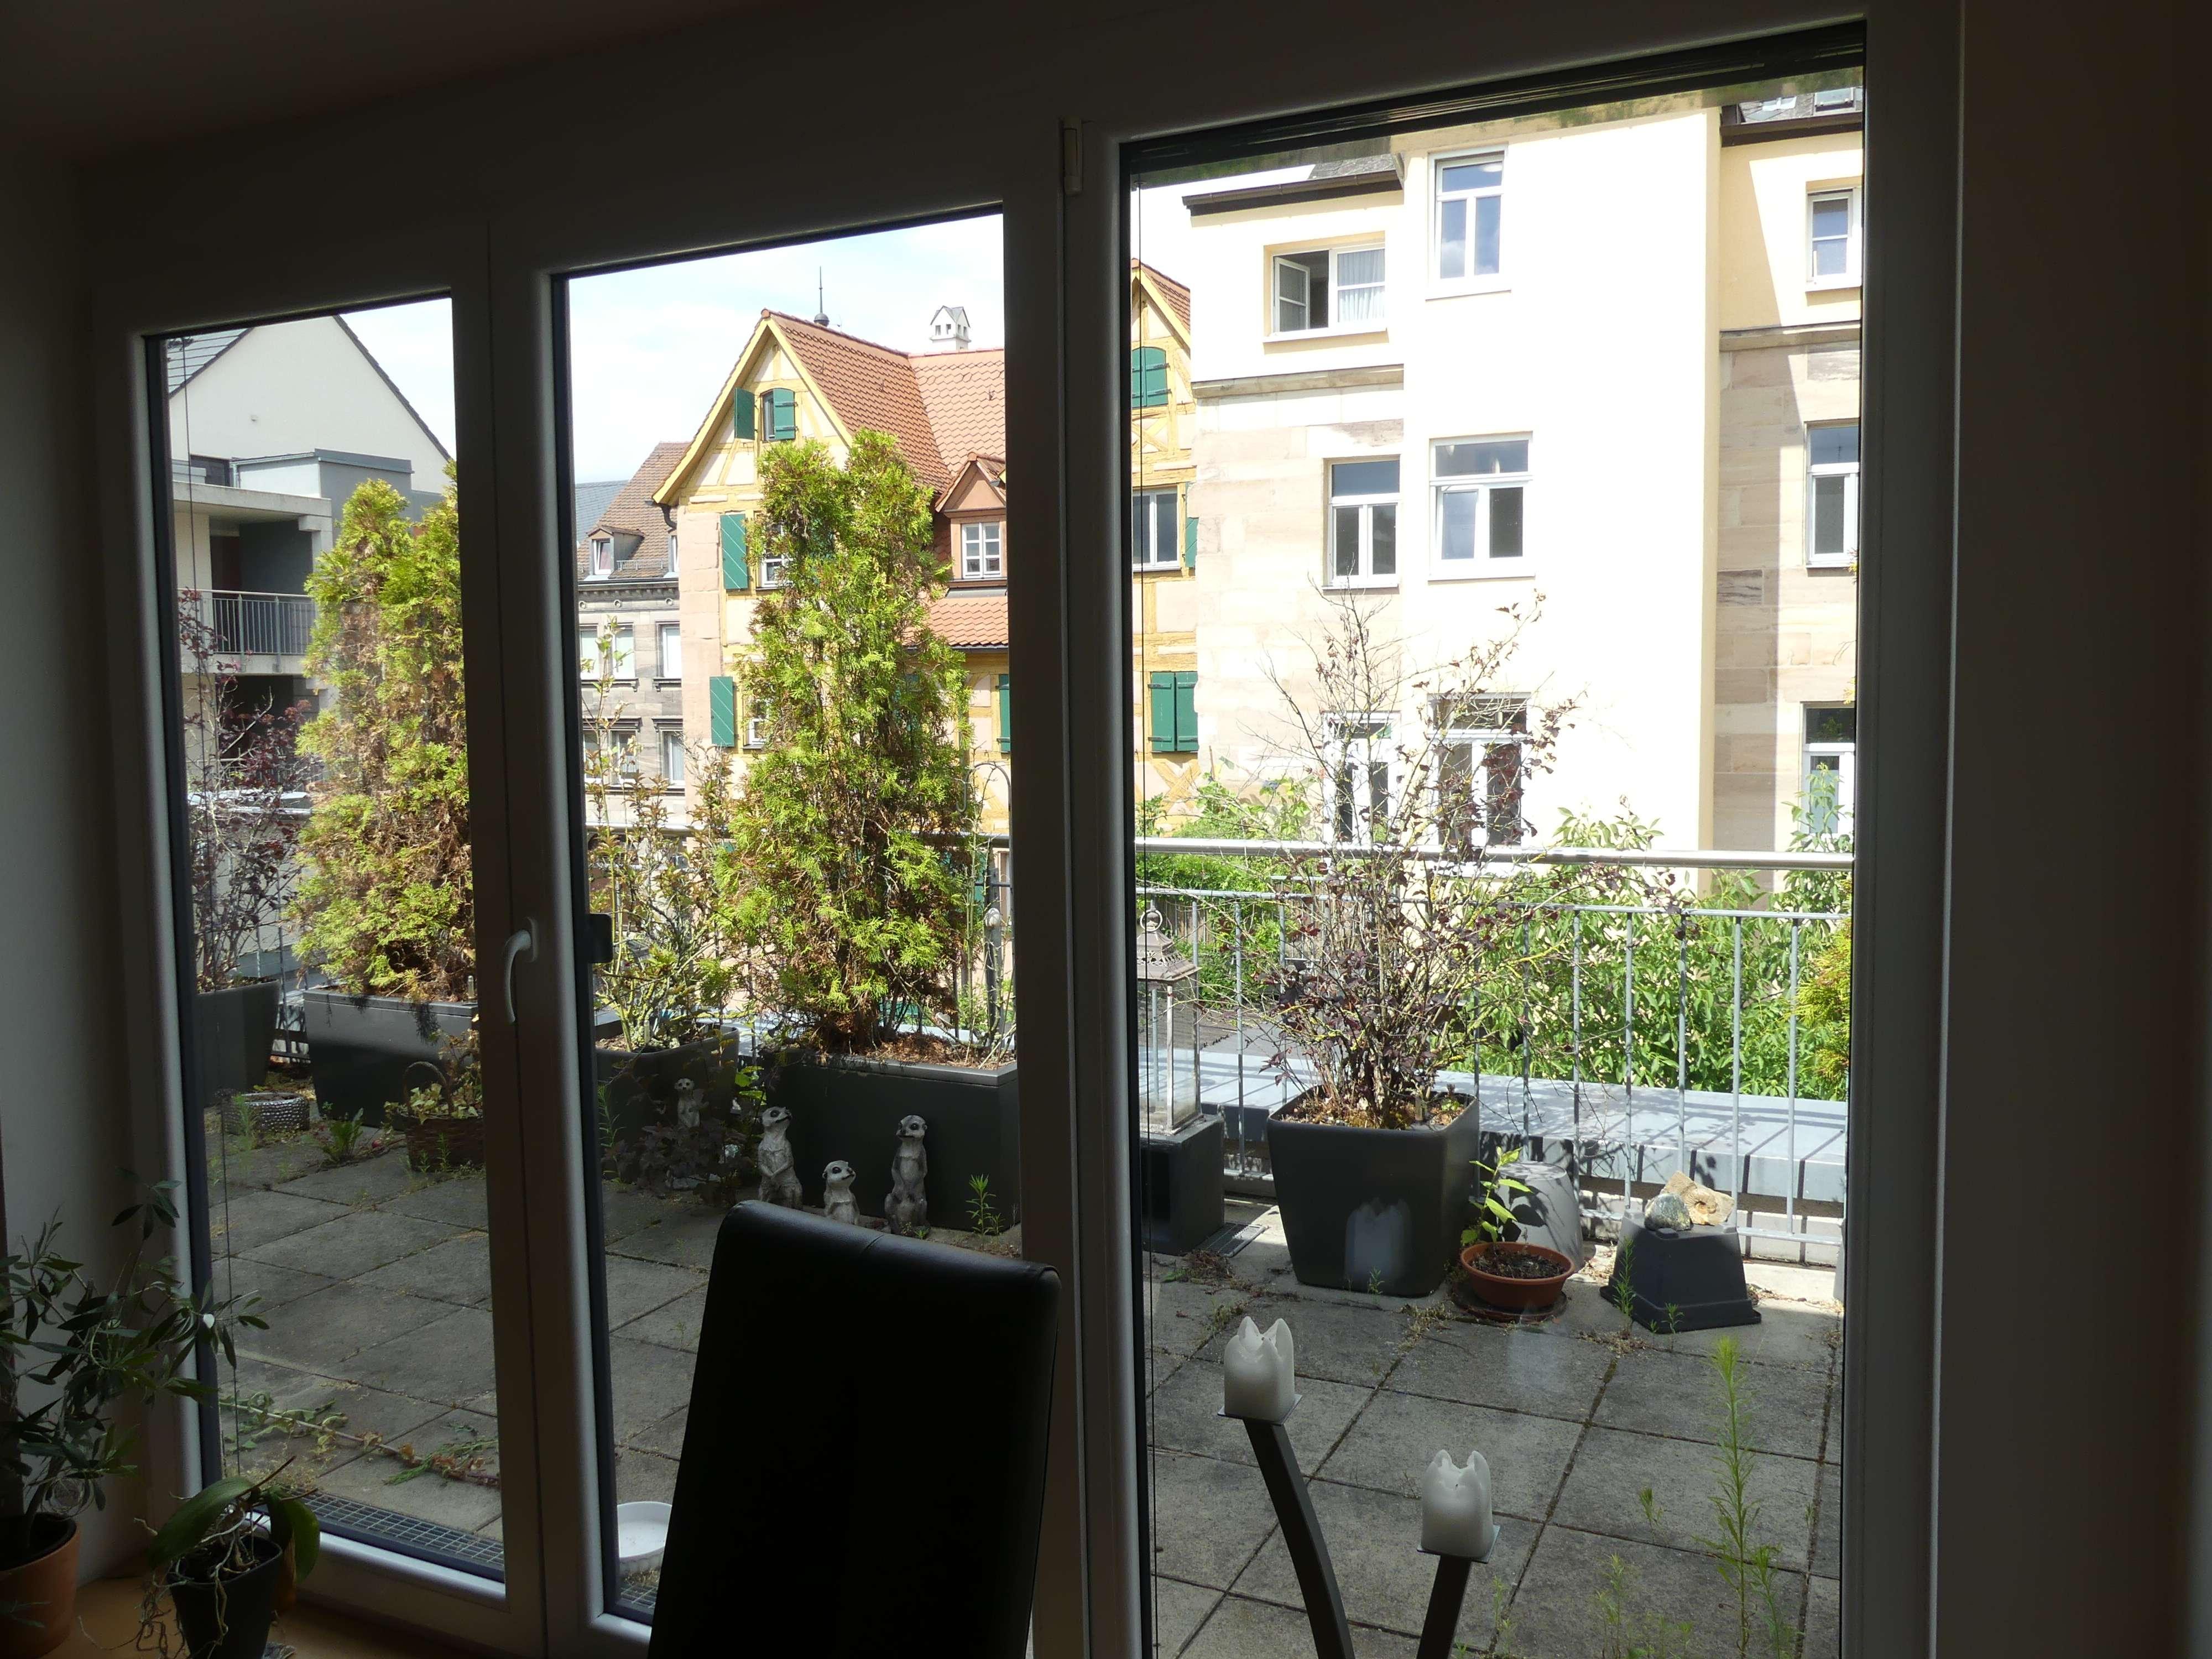 3 Zi TOP Whg mit  Dachterrasse,  fast Neubau im historischen Kern von Fürth in Altstadt, Innenstadt (Fürth)